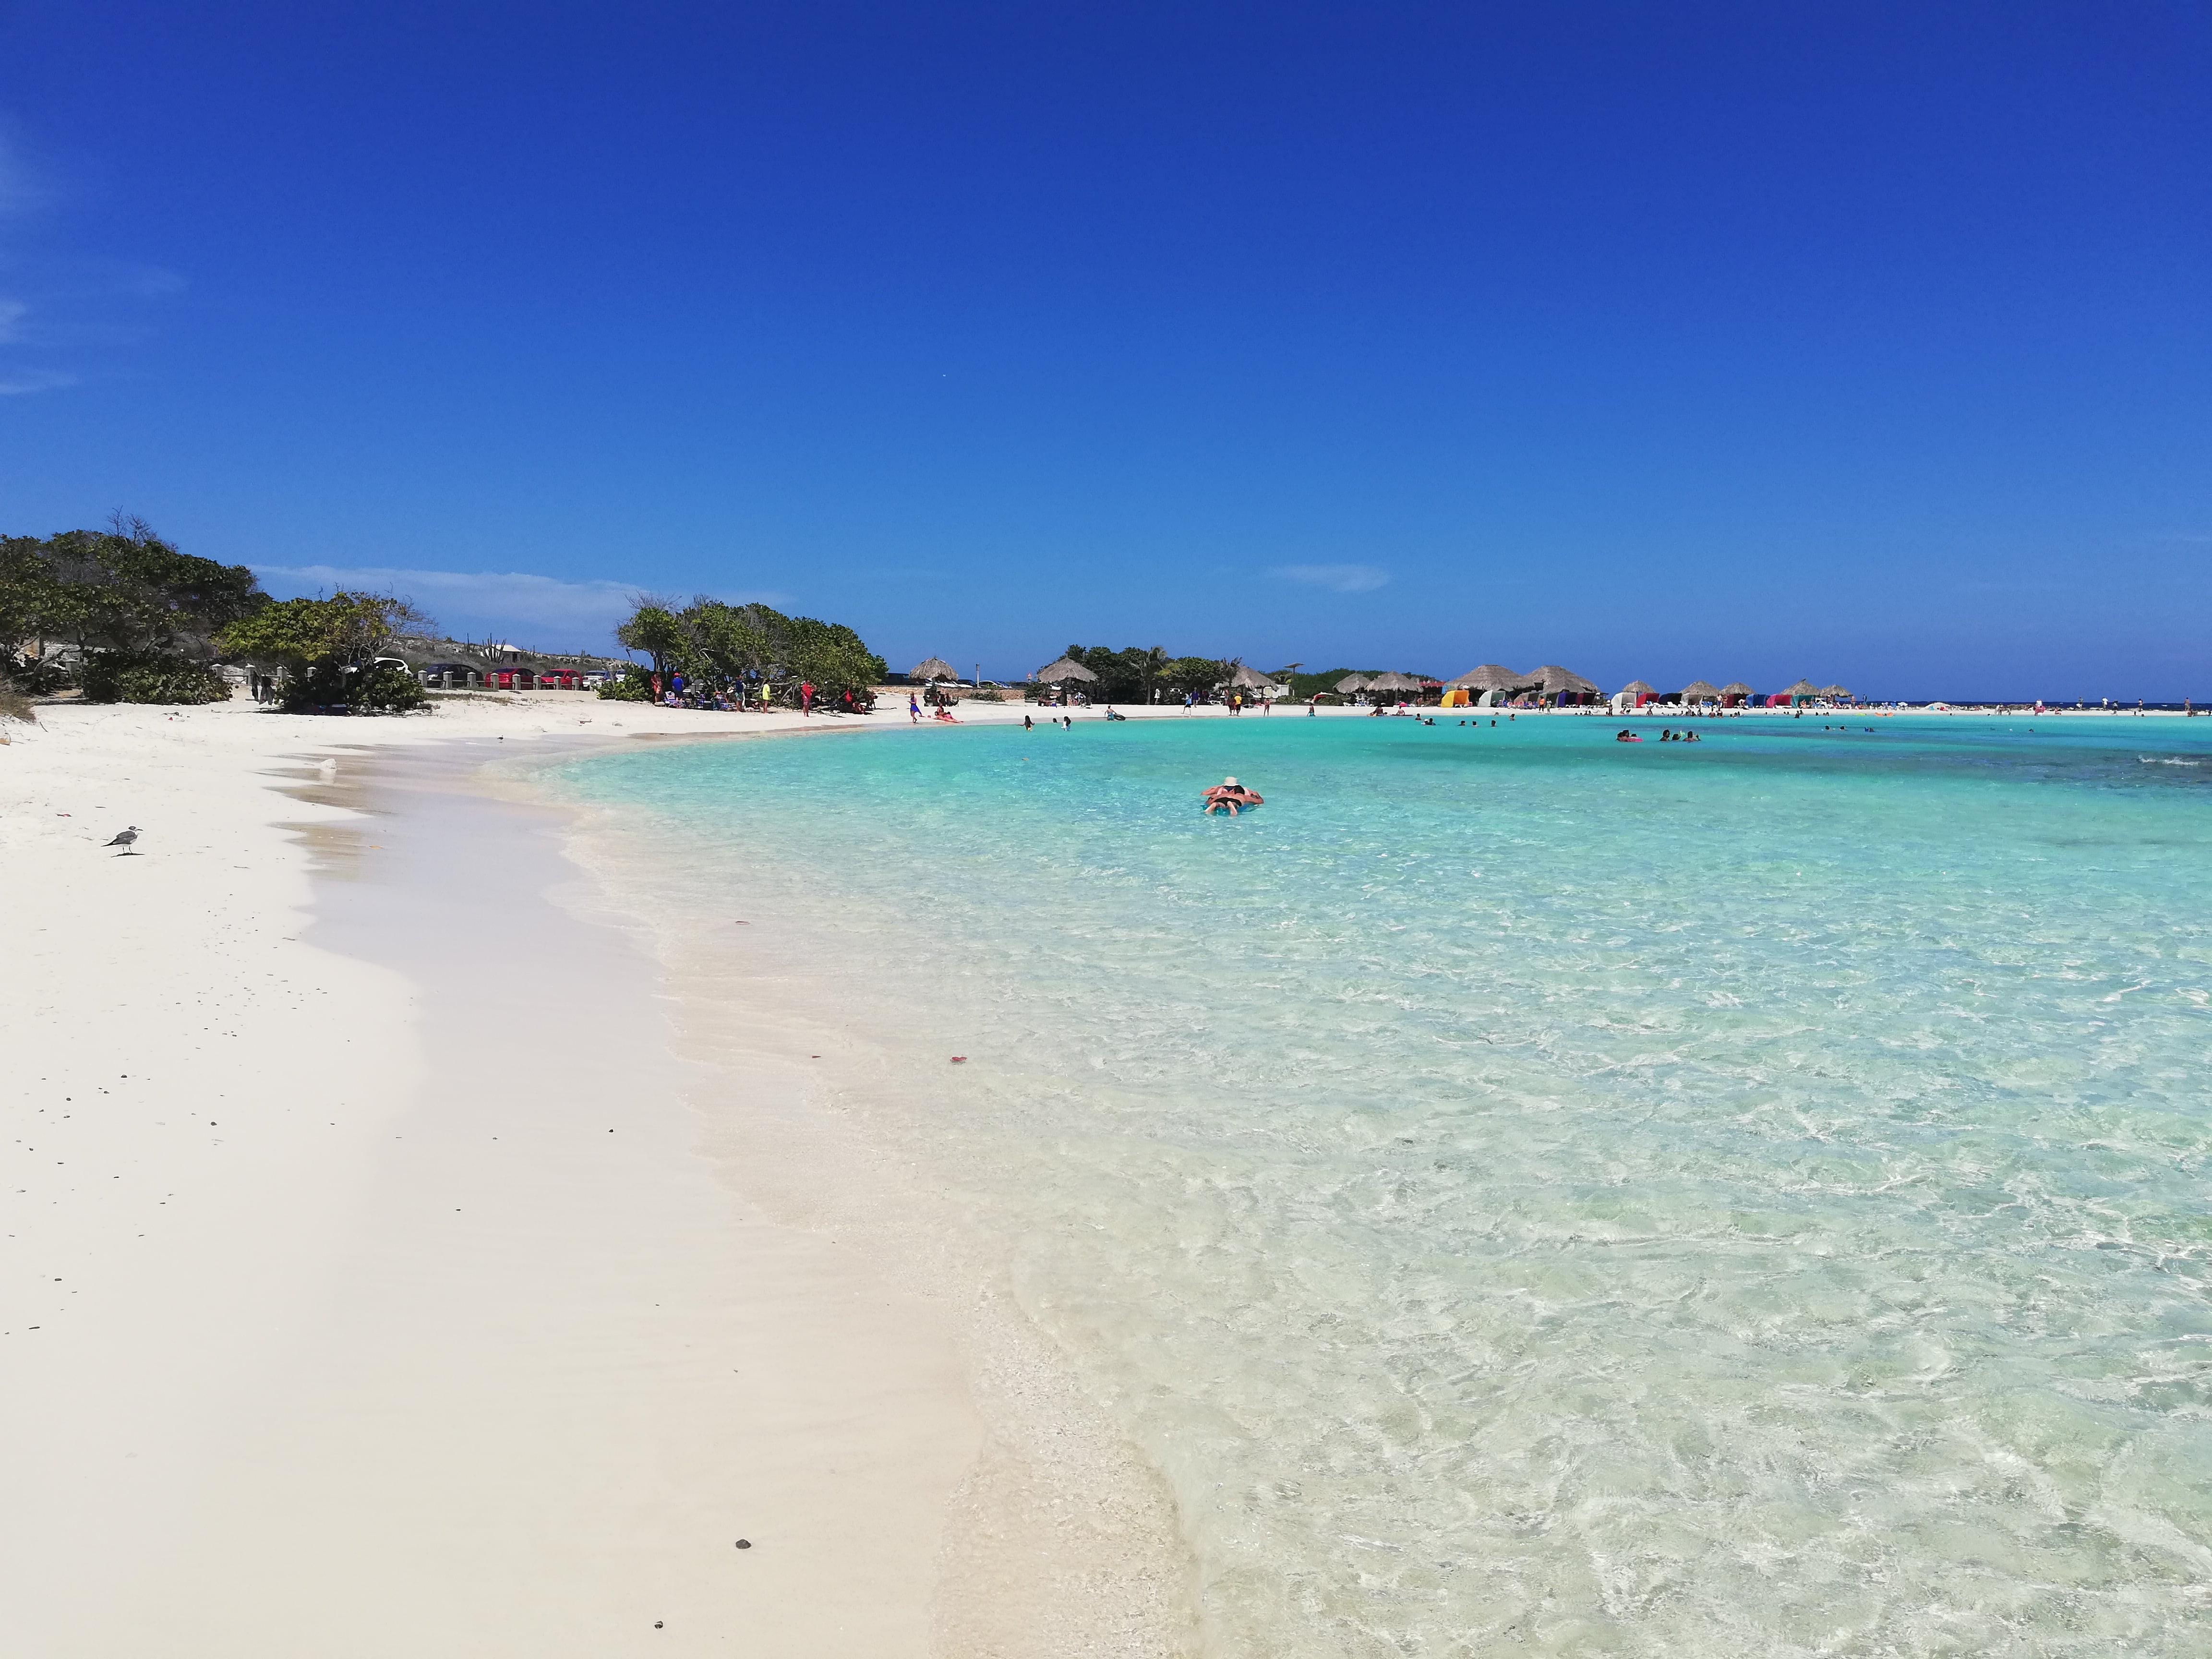 BABY BEACH ARUBA, ACQUA TURCHESE E SABBIA BIANCA